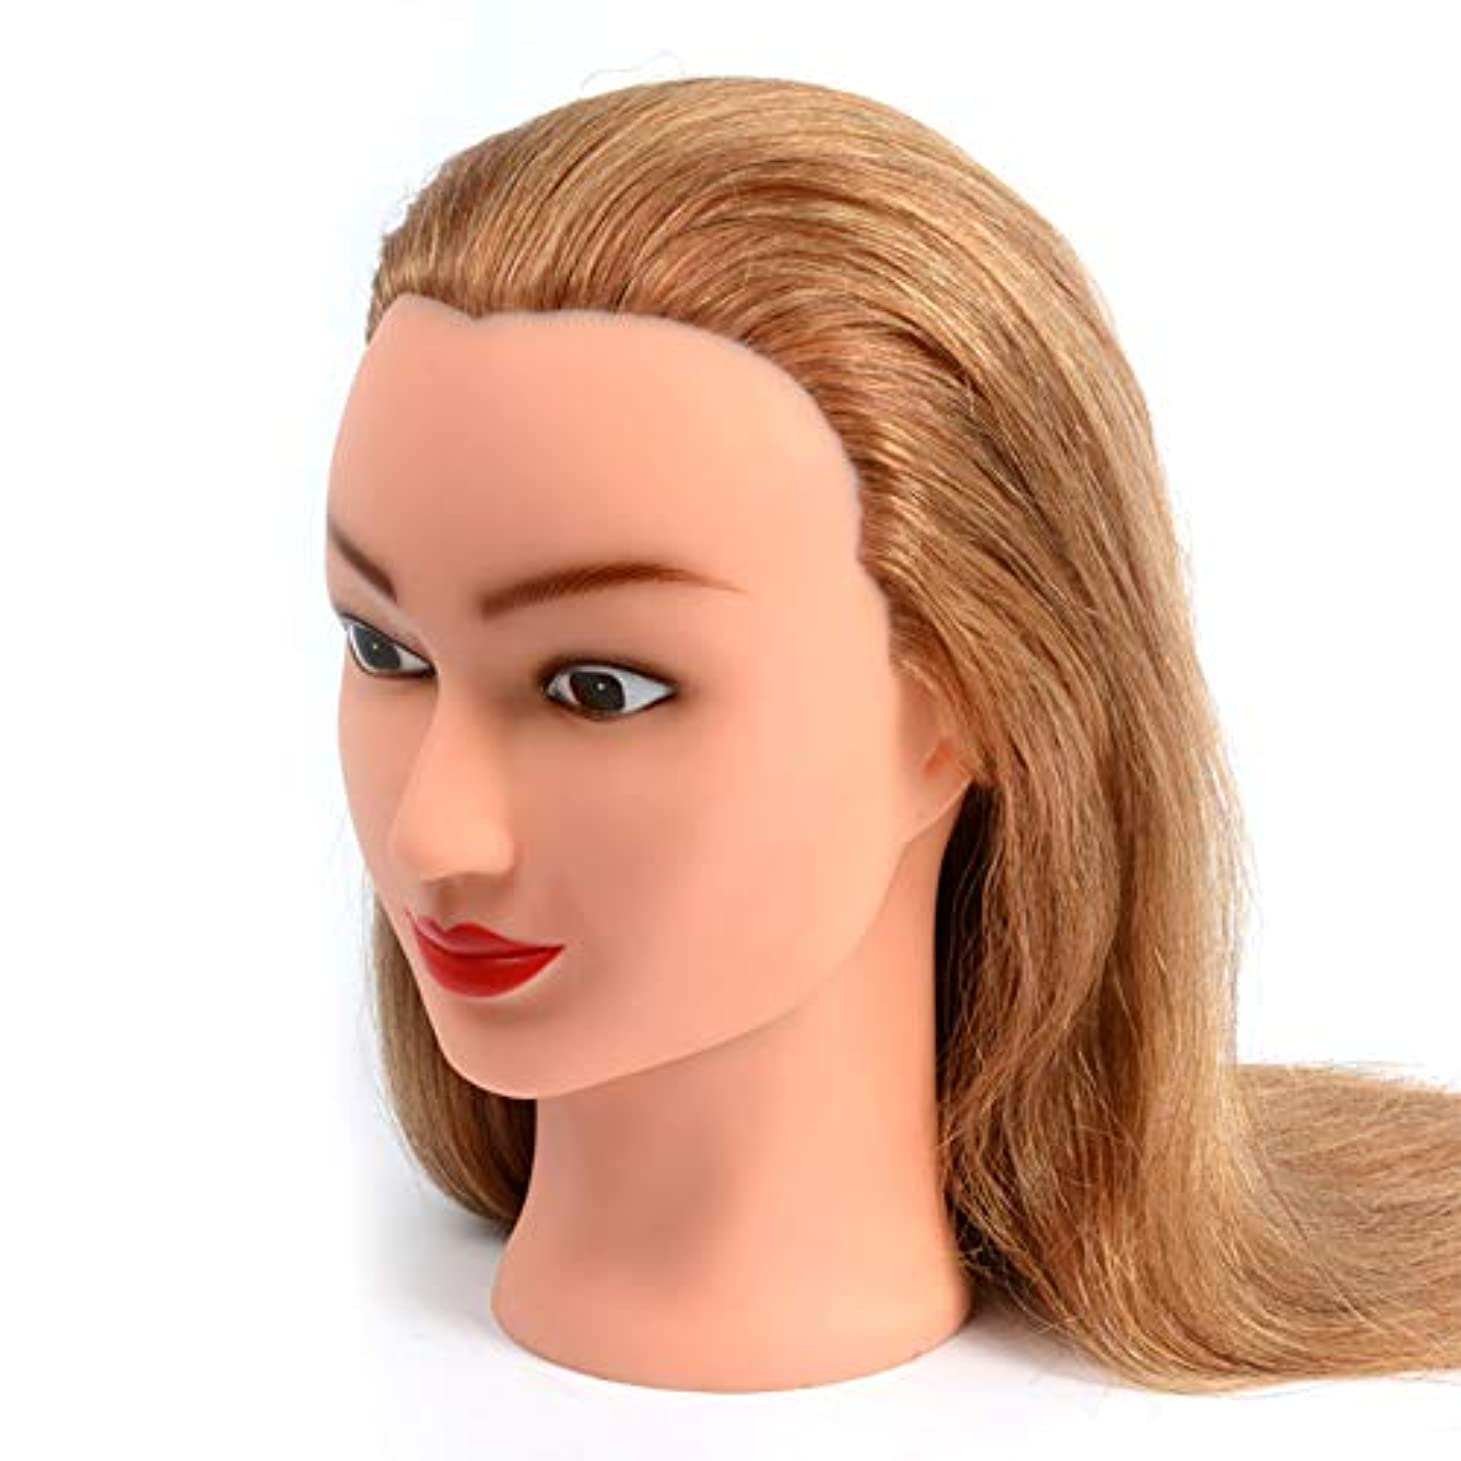 攻撃カフェラウンジブライダルメイクスタイリング練習モデル美容院散髪学習ダミーヘッドは染色することができますし、漂白ティーチングヘッド